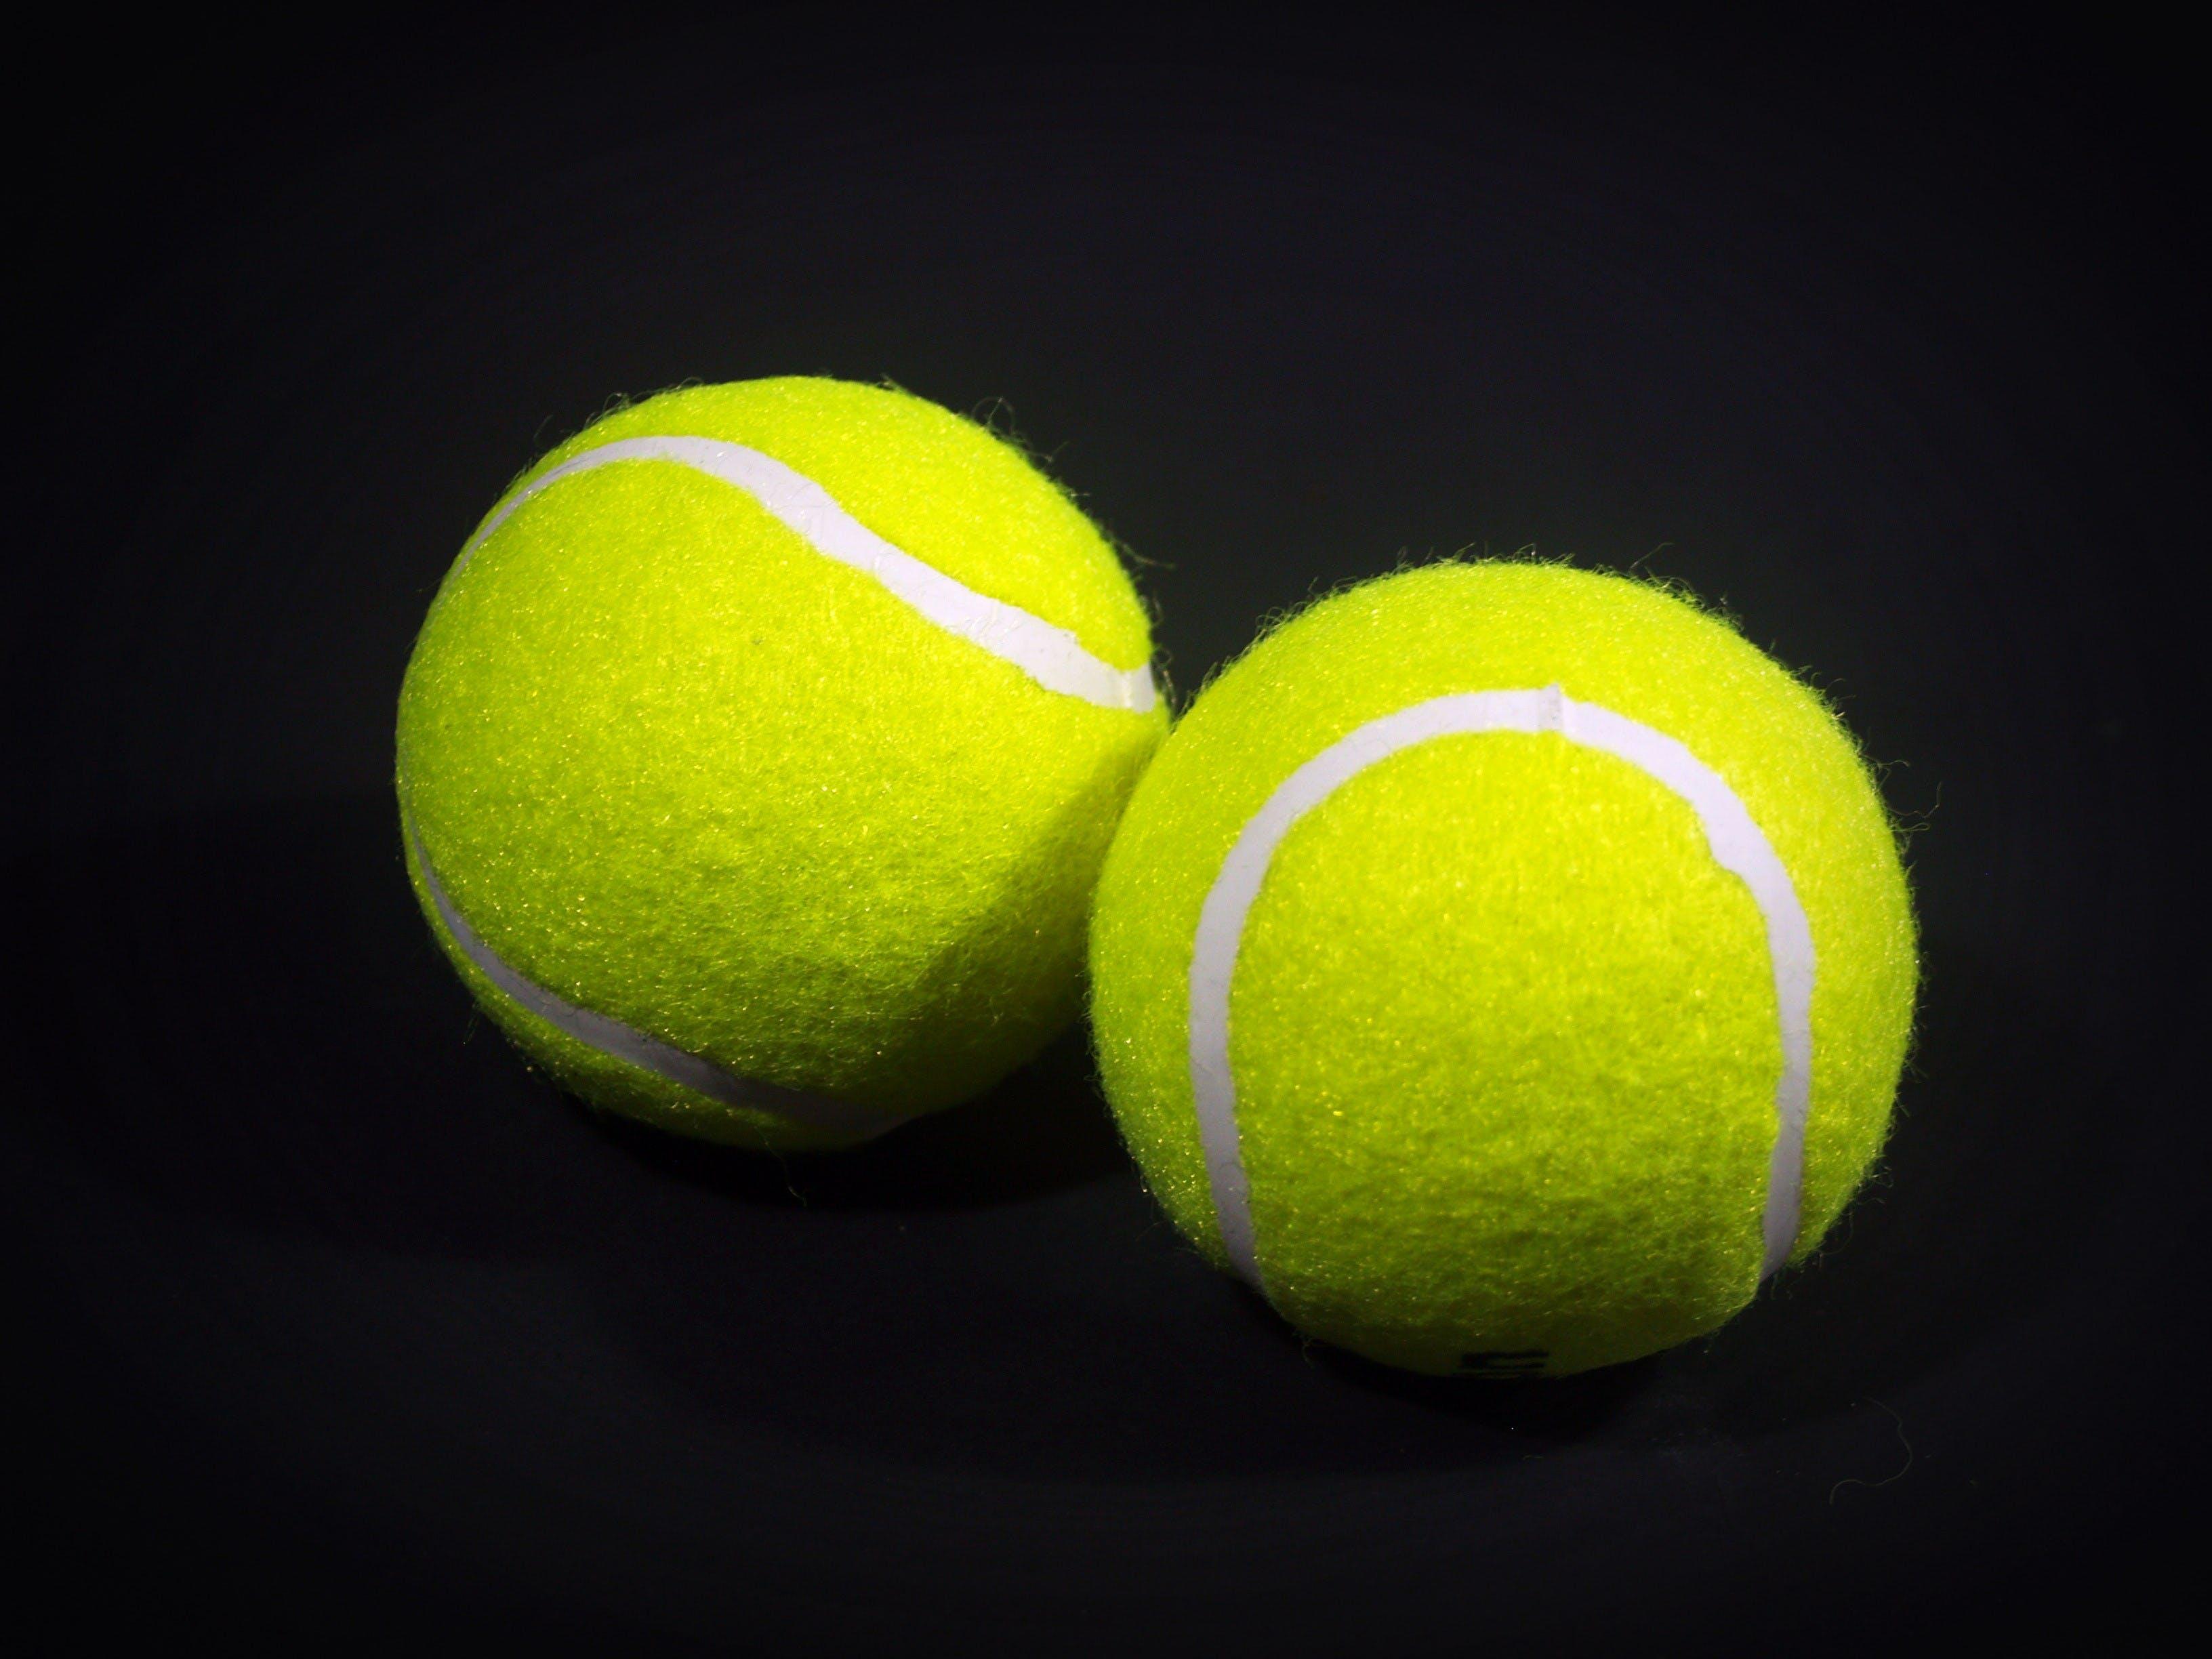 Two Green Lawn Tennis Balls